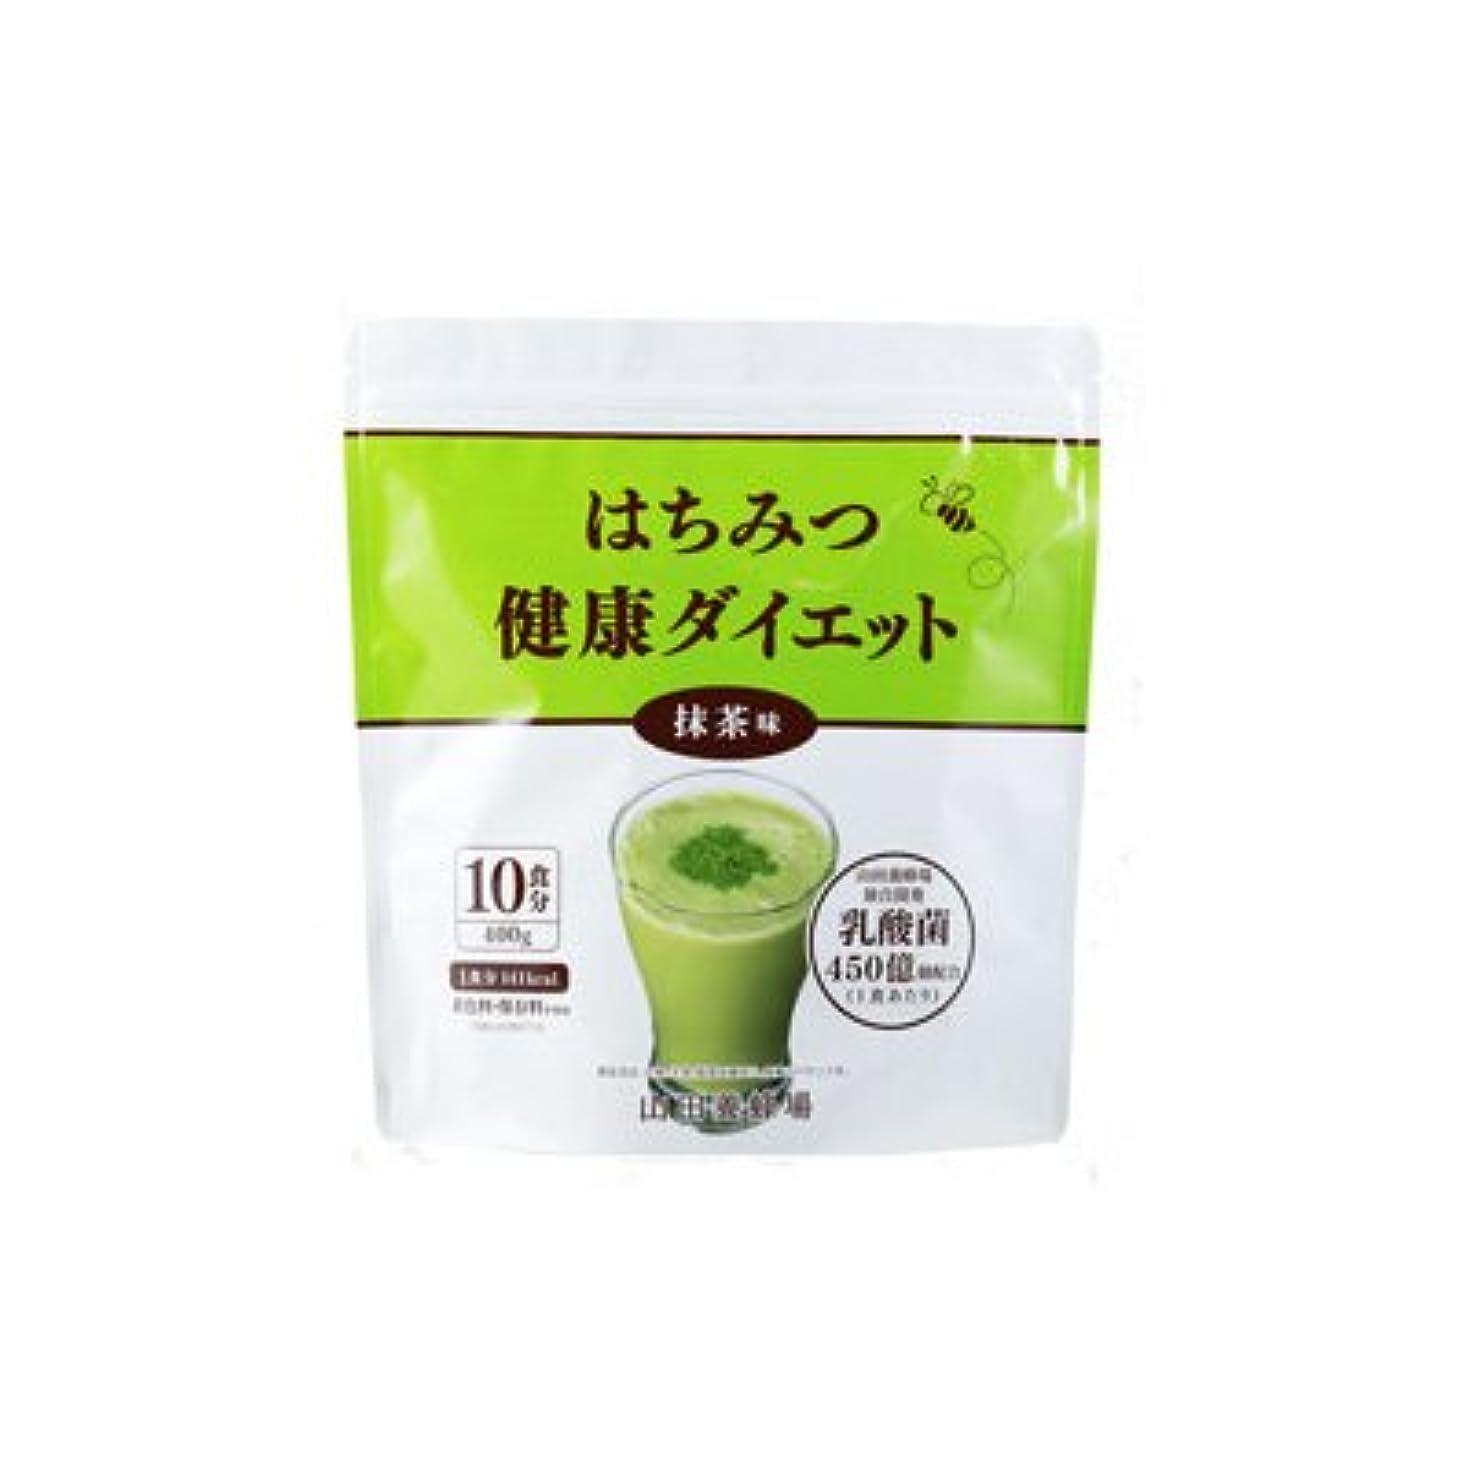 逮捕息を切らして顧問はちみつ健康ダイエット 【抹茶味】400g(10食分)